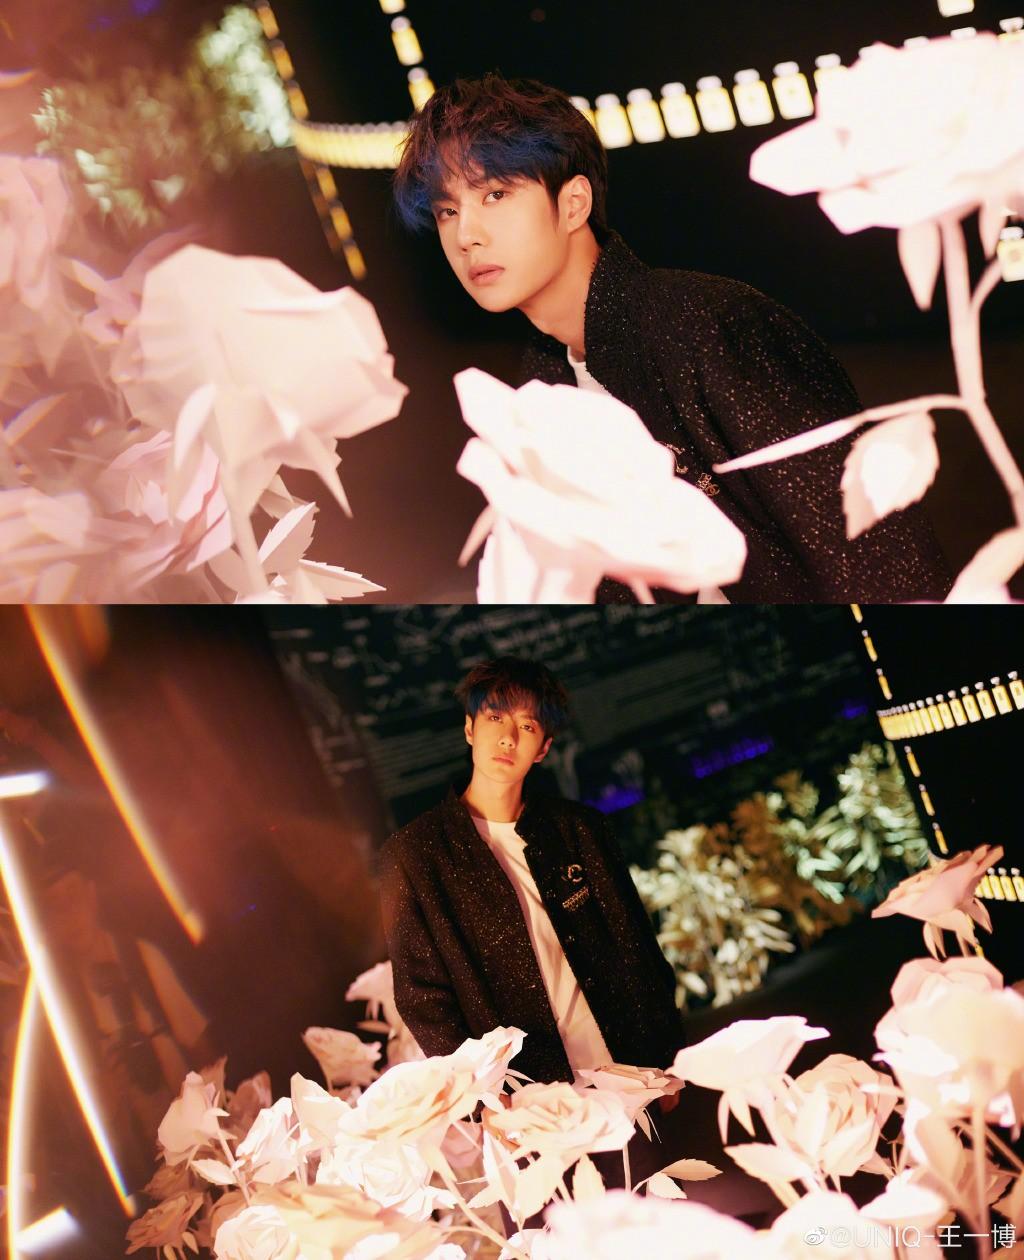 Dàn sao phim đam mỹ siêu hot Trần Tình Lệnh: Nữ phụ xinh xuất sắc lu mờ cả Yoona, 2 nam thần Cbiz được ship lên mây - Ảnh 12.